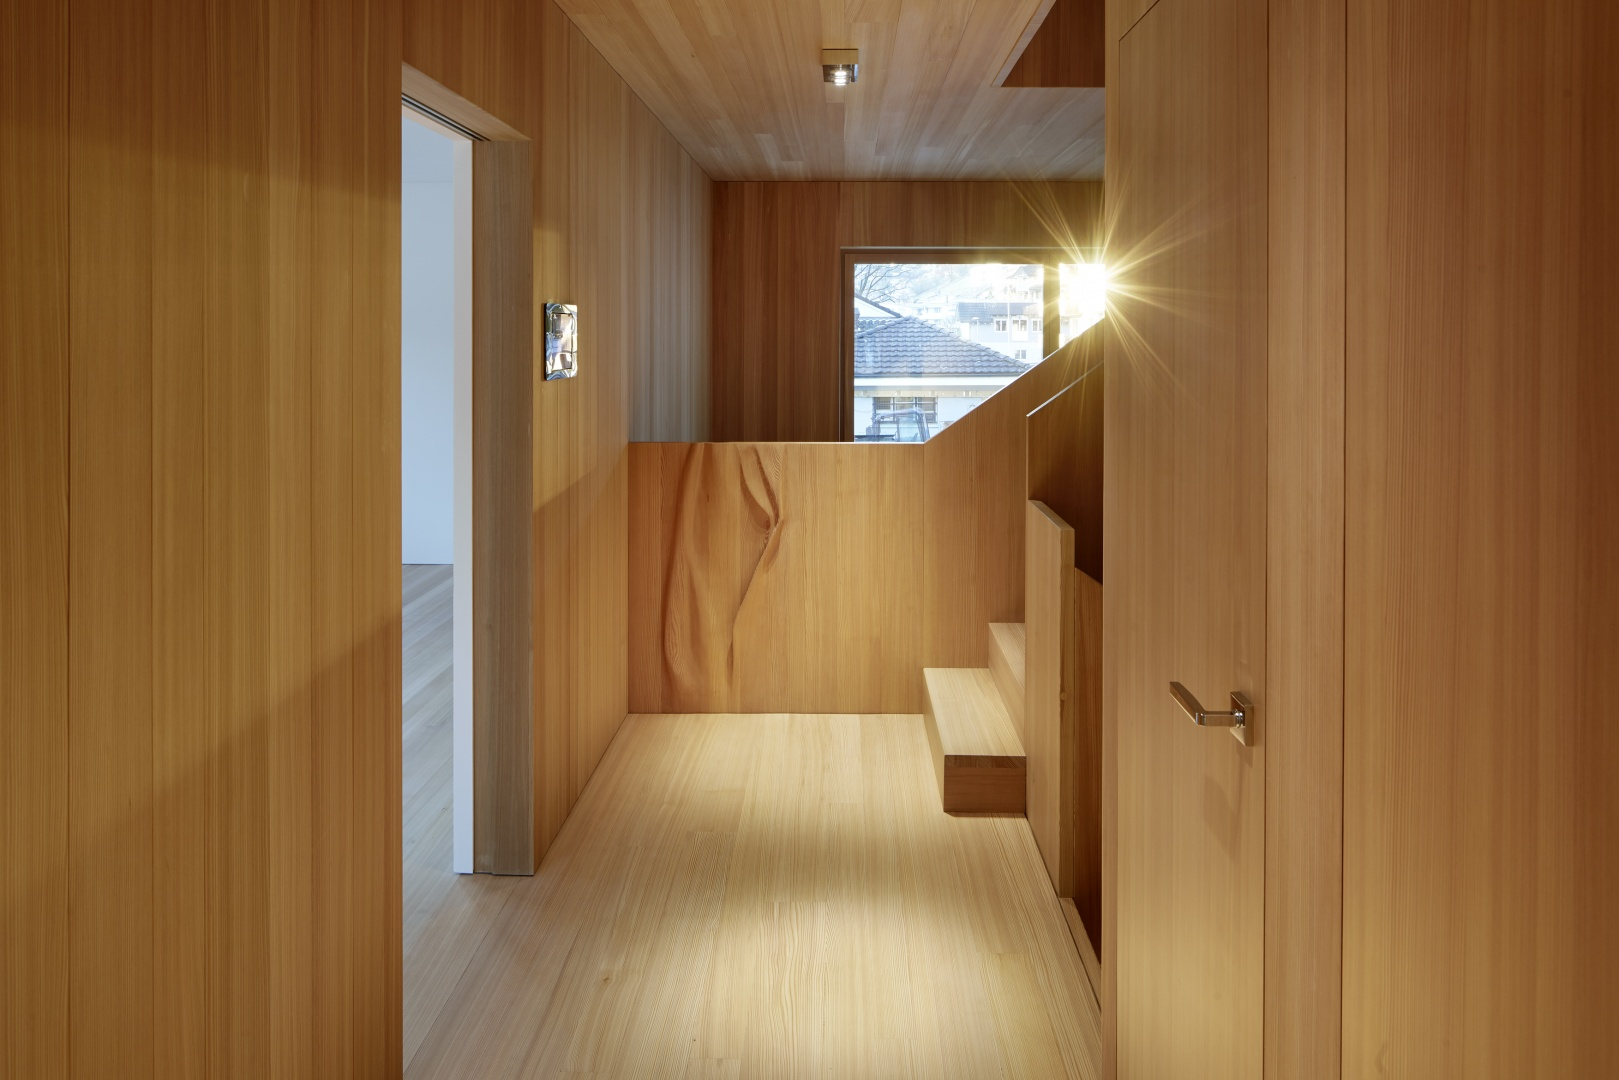 Korridor 1. OG © Beat Brechbühl